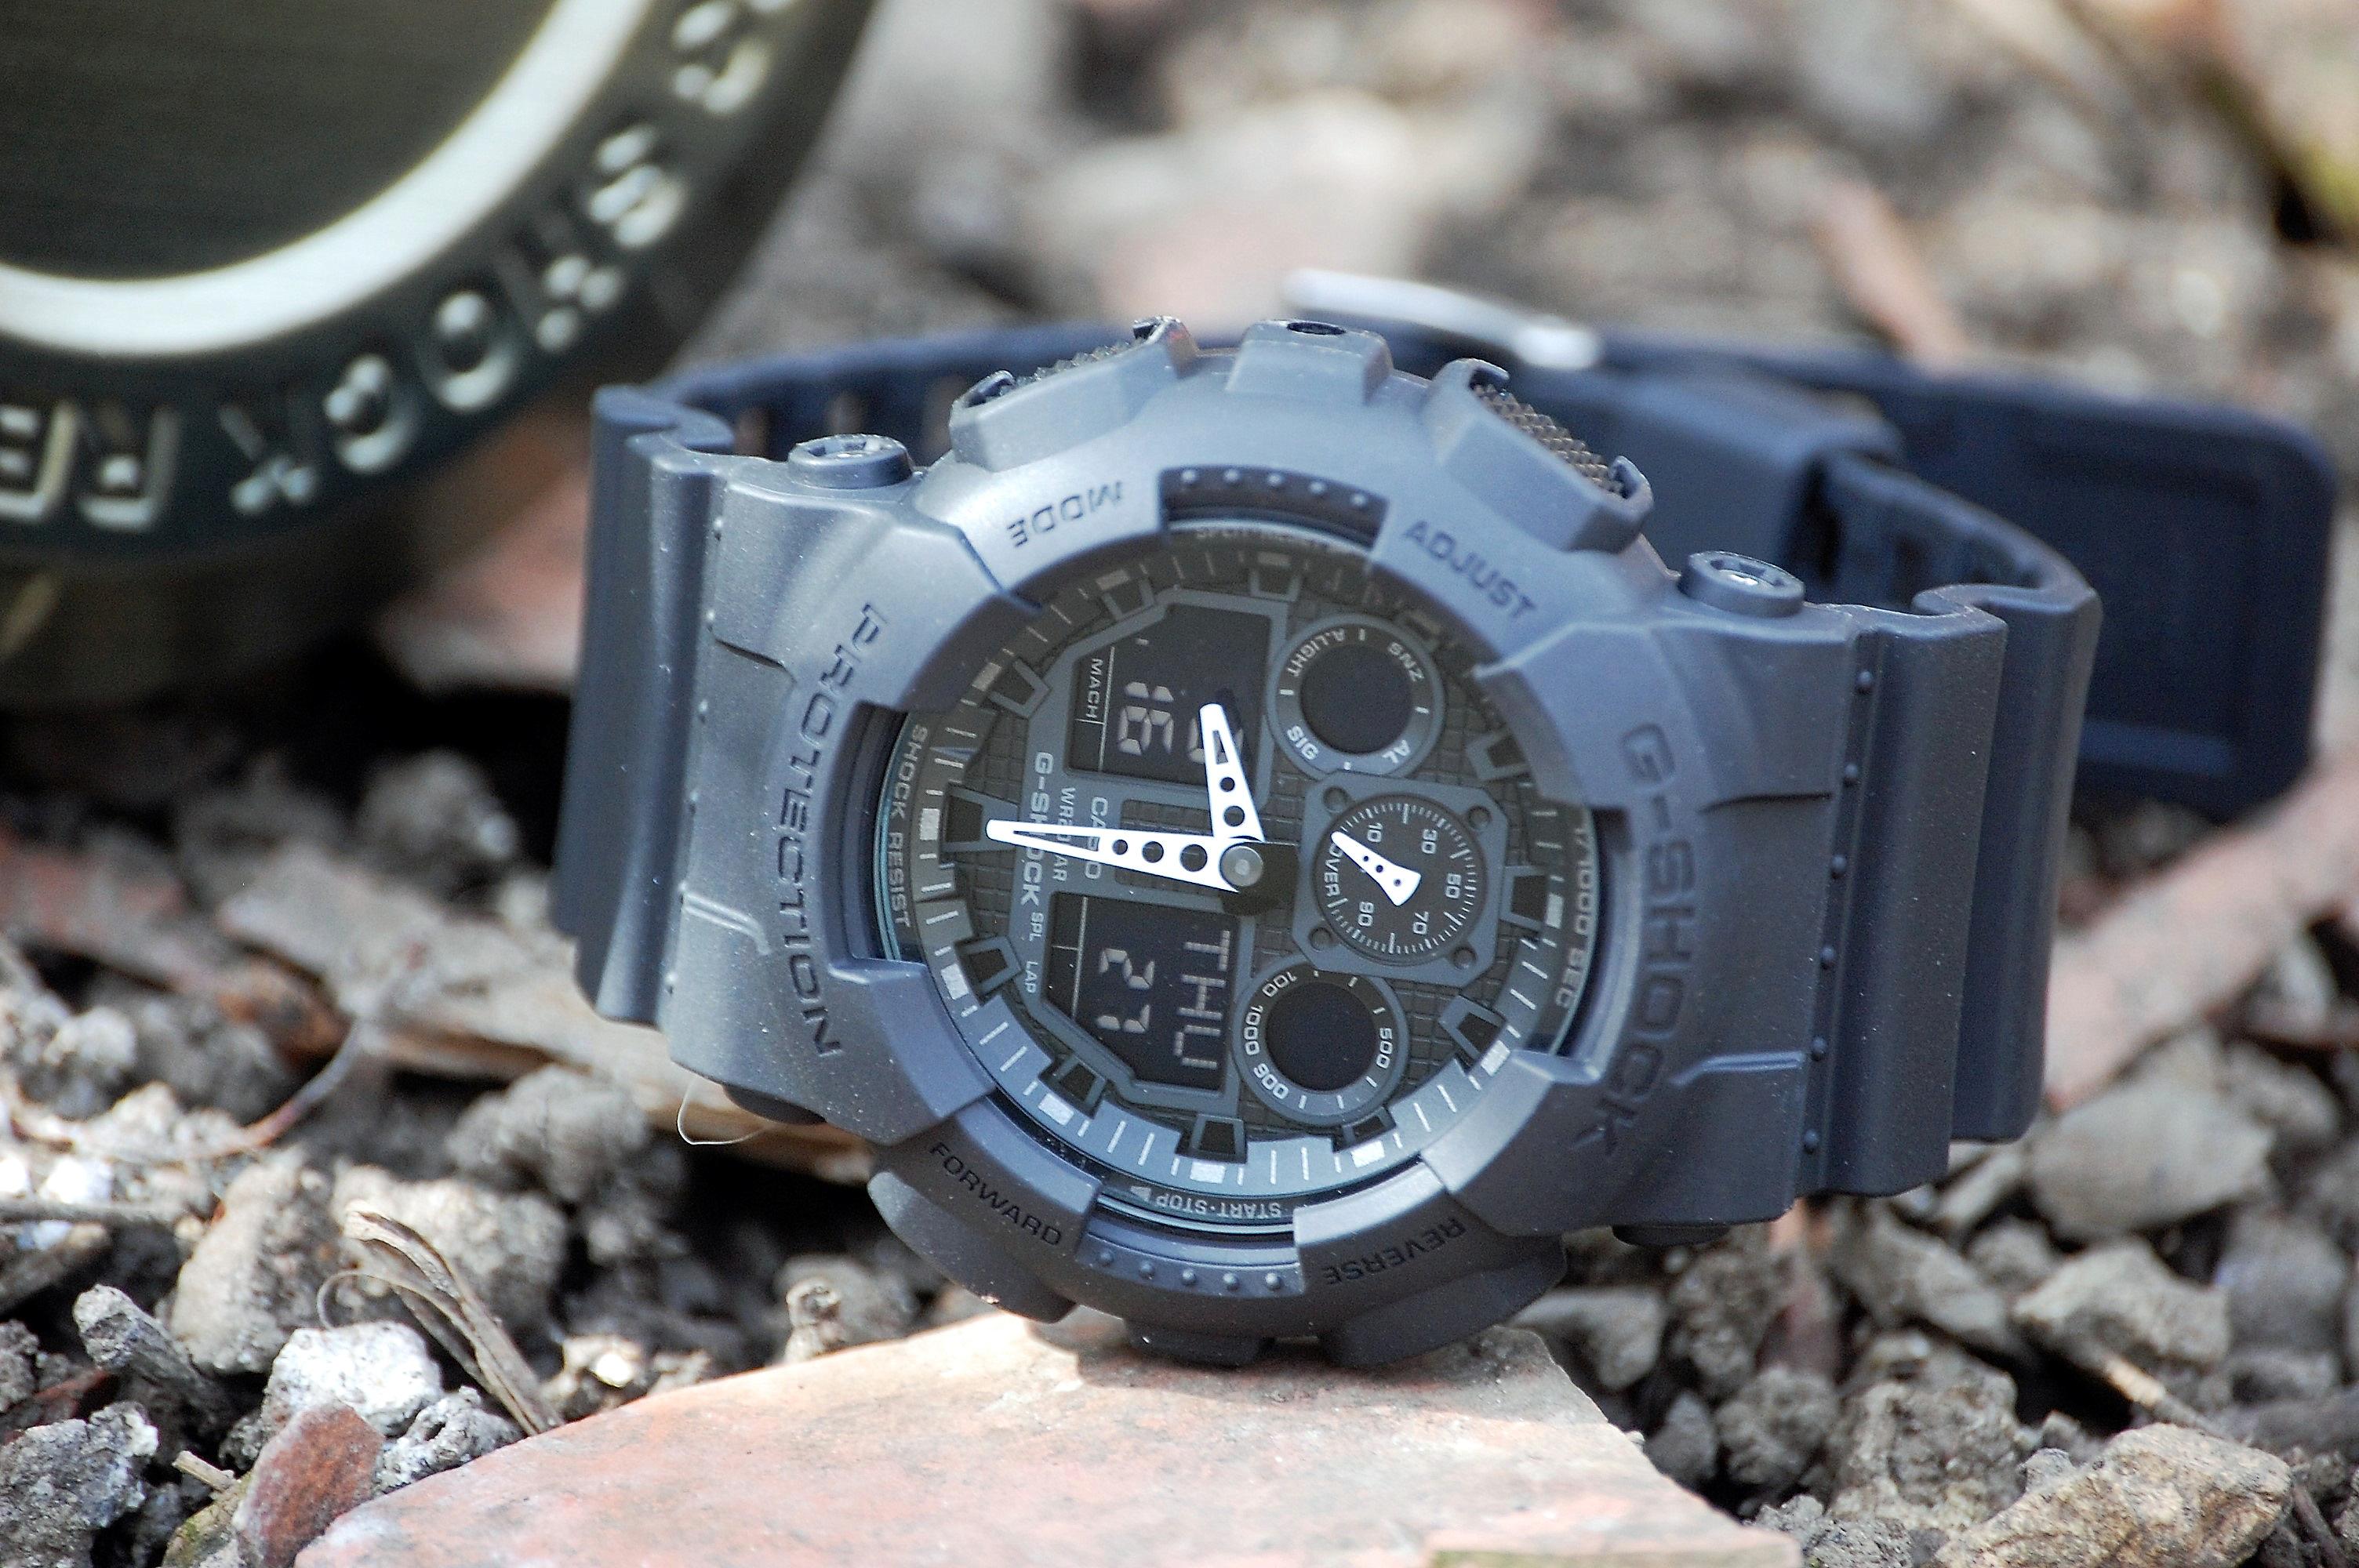 40694409b94 Gents Casio G-Shock Alarm Chronograph Watch (GA-100-1A1ER ...